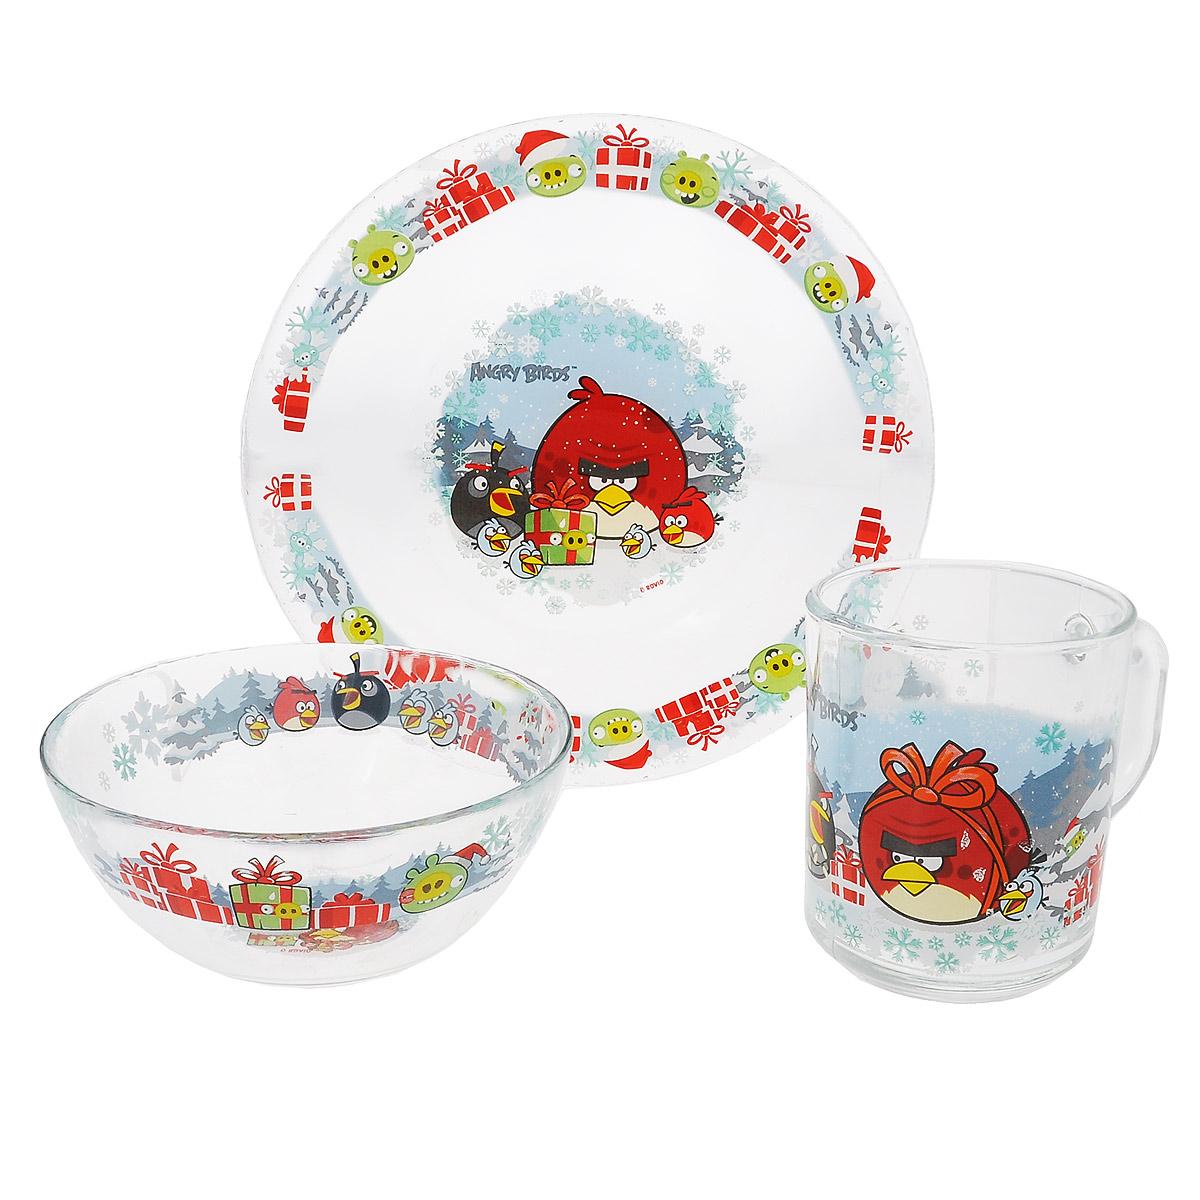 Набор детской посуды Angry Birds Зима, 3 предмета9559017Набор детской посуды Angry Birds Зима, выполненный из прозрачного стекла, состоит из кружки, тарелки и салатника. Изделия оформлены изображением любимых героев популярного мультфильма Angry Birds. Материалы изделий нетоксичны и безопасны для детского здоровья.Детская посуда удобна и увлекательна для вашего малыша. Привычная еда станет более вкусной и приятной, если процесс кормления сопровождать игрой и сказками о любимых героях. Красочная посуда является залогом хорошего настроения и аппетита ваших детей.Можно мыть в посудомоечной машине.Диаметр тарелки: 19,5 см.Диаметр салатника: 12,5 см.Высота салатника: 5,5 см.Объем кружки: 250 мл.Диаметр кружки (по верхнему краю): 7 см.Высота кружки: 9 см.